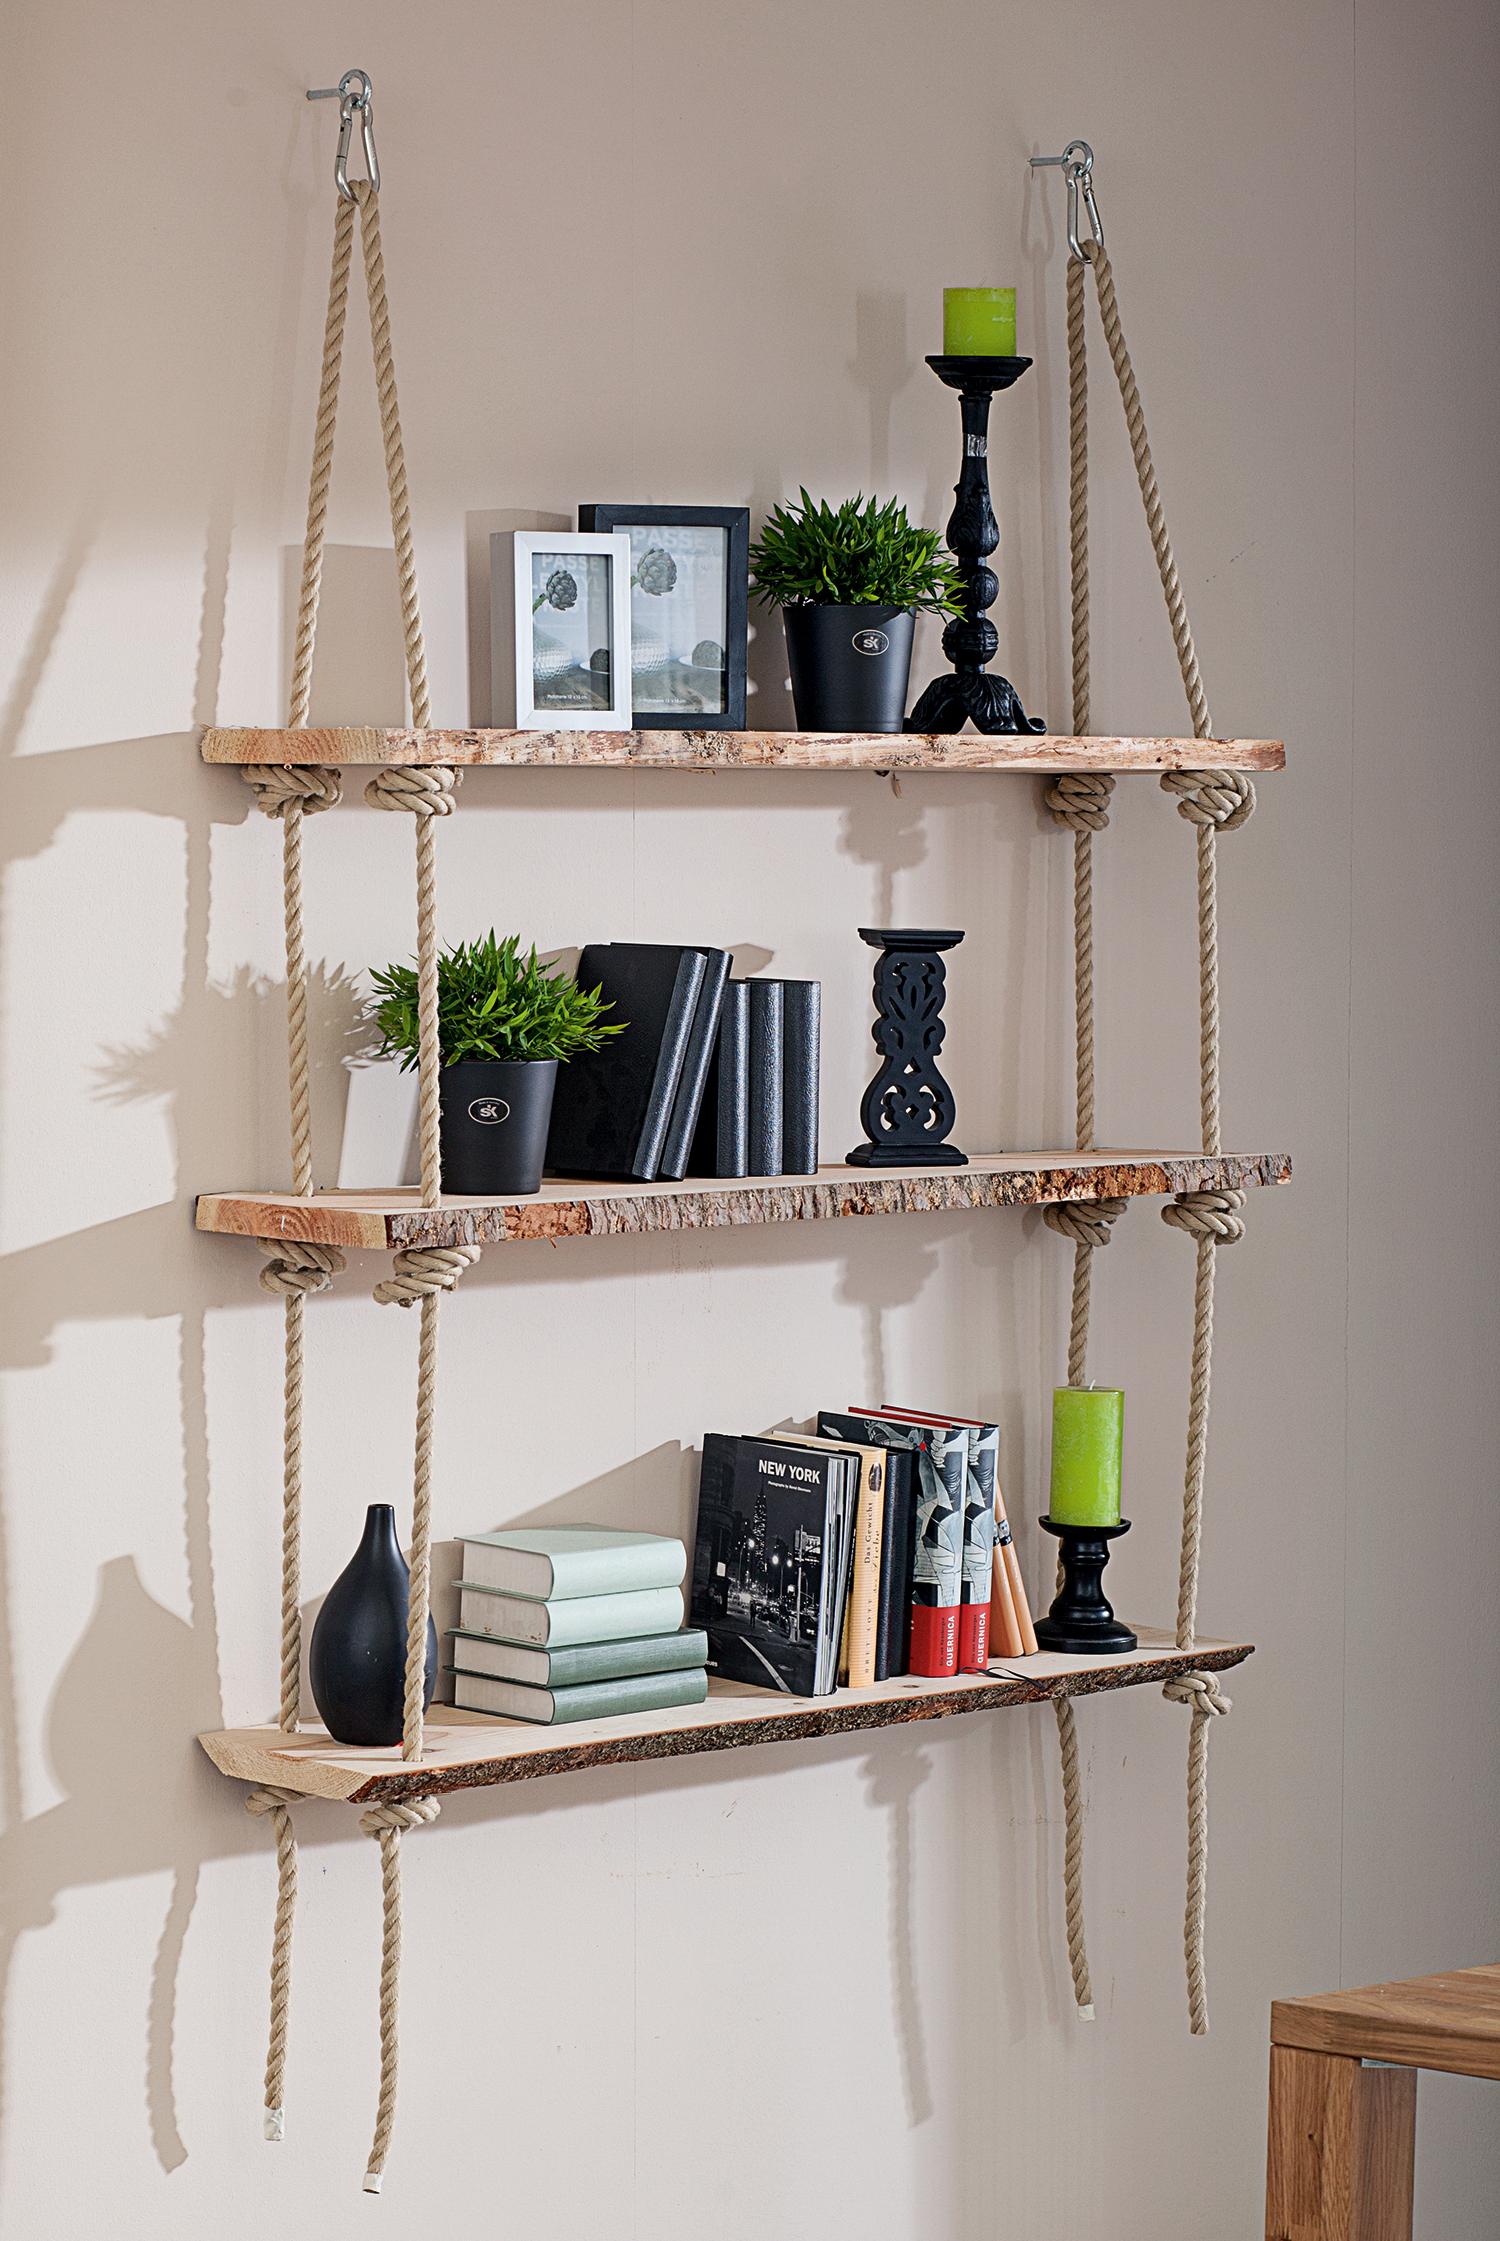 blumenregal wohnzimmer werkbank gestell bauen ihr traumhaus ideen. Black Bedroom Furniture Sets. Home Design Ideas